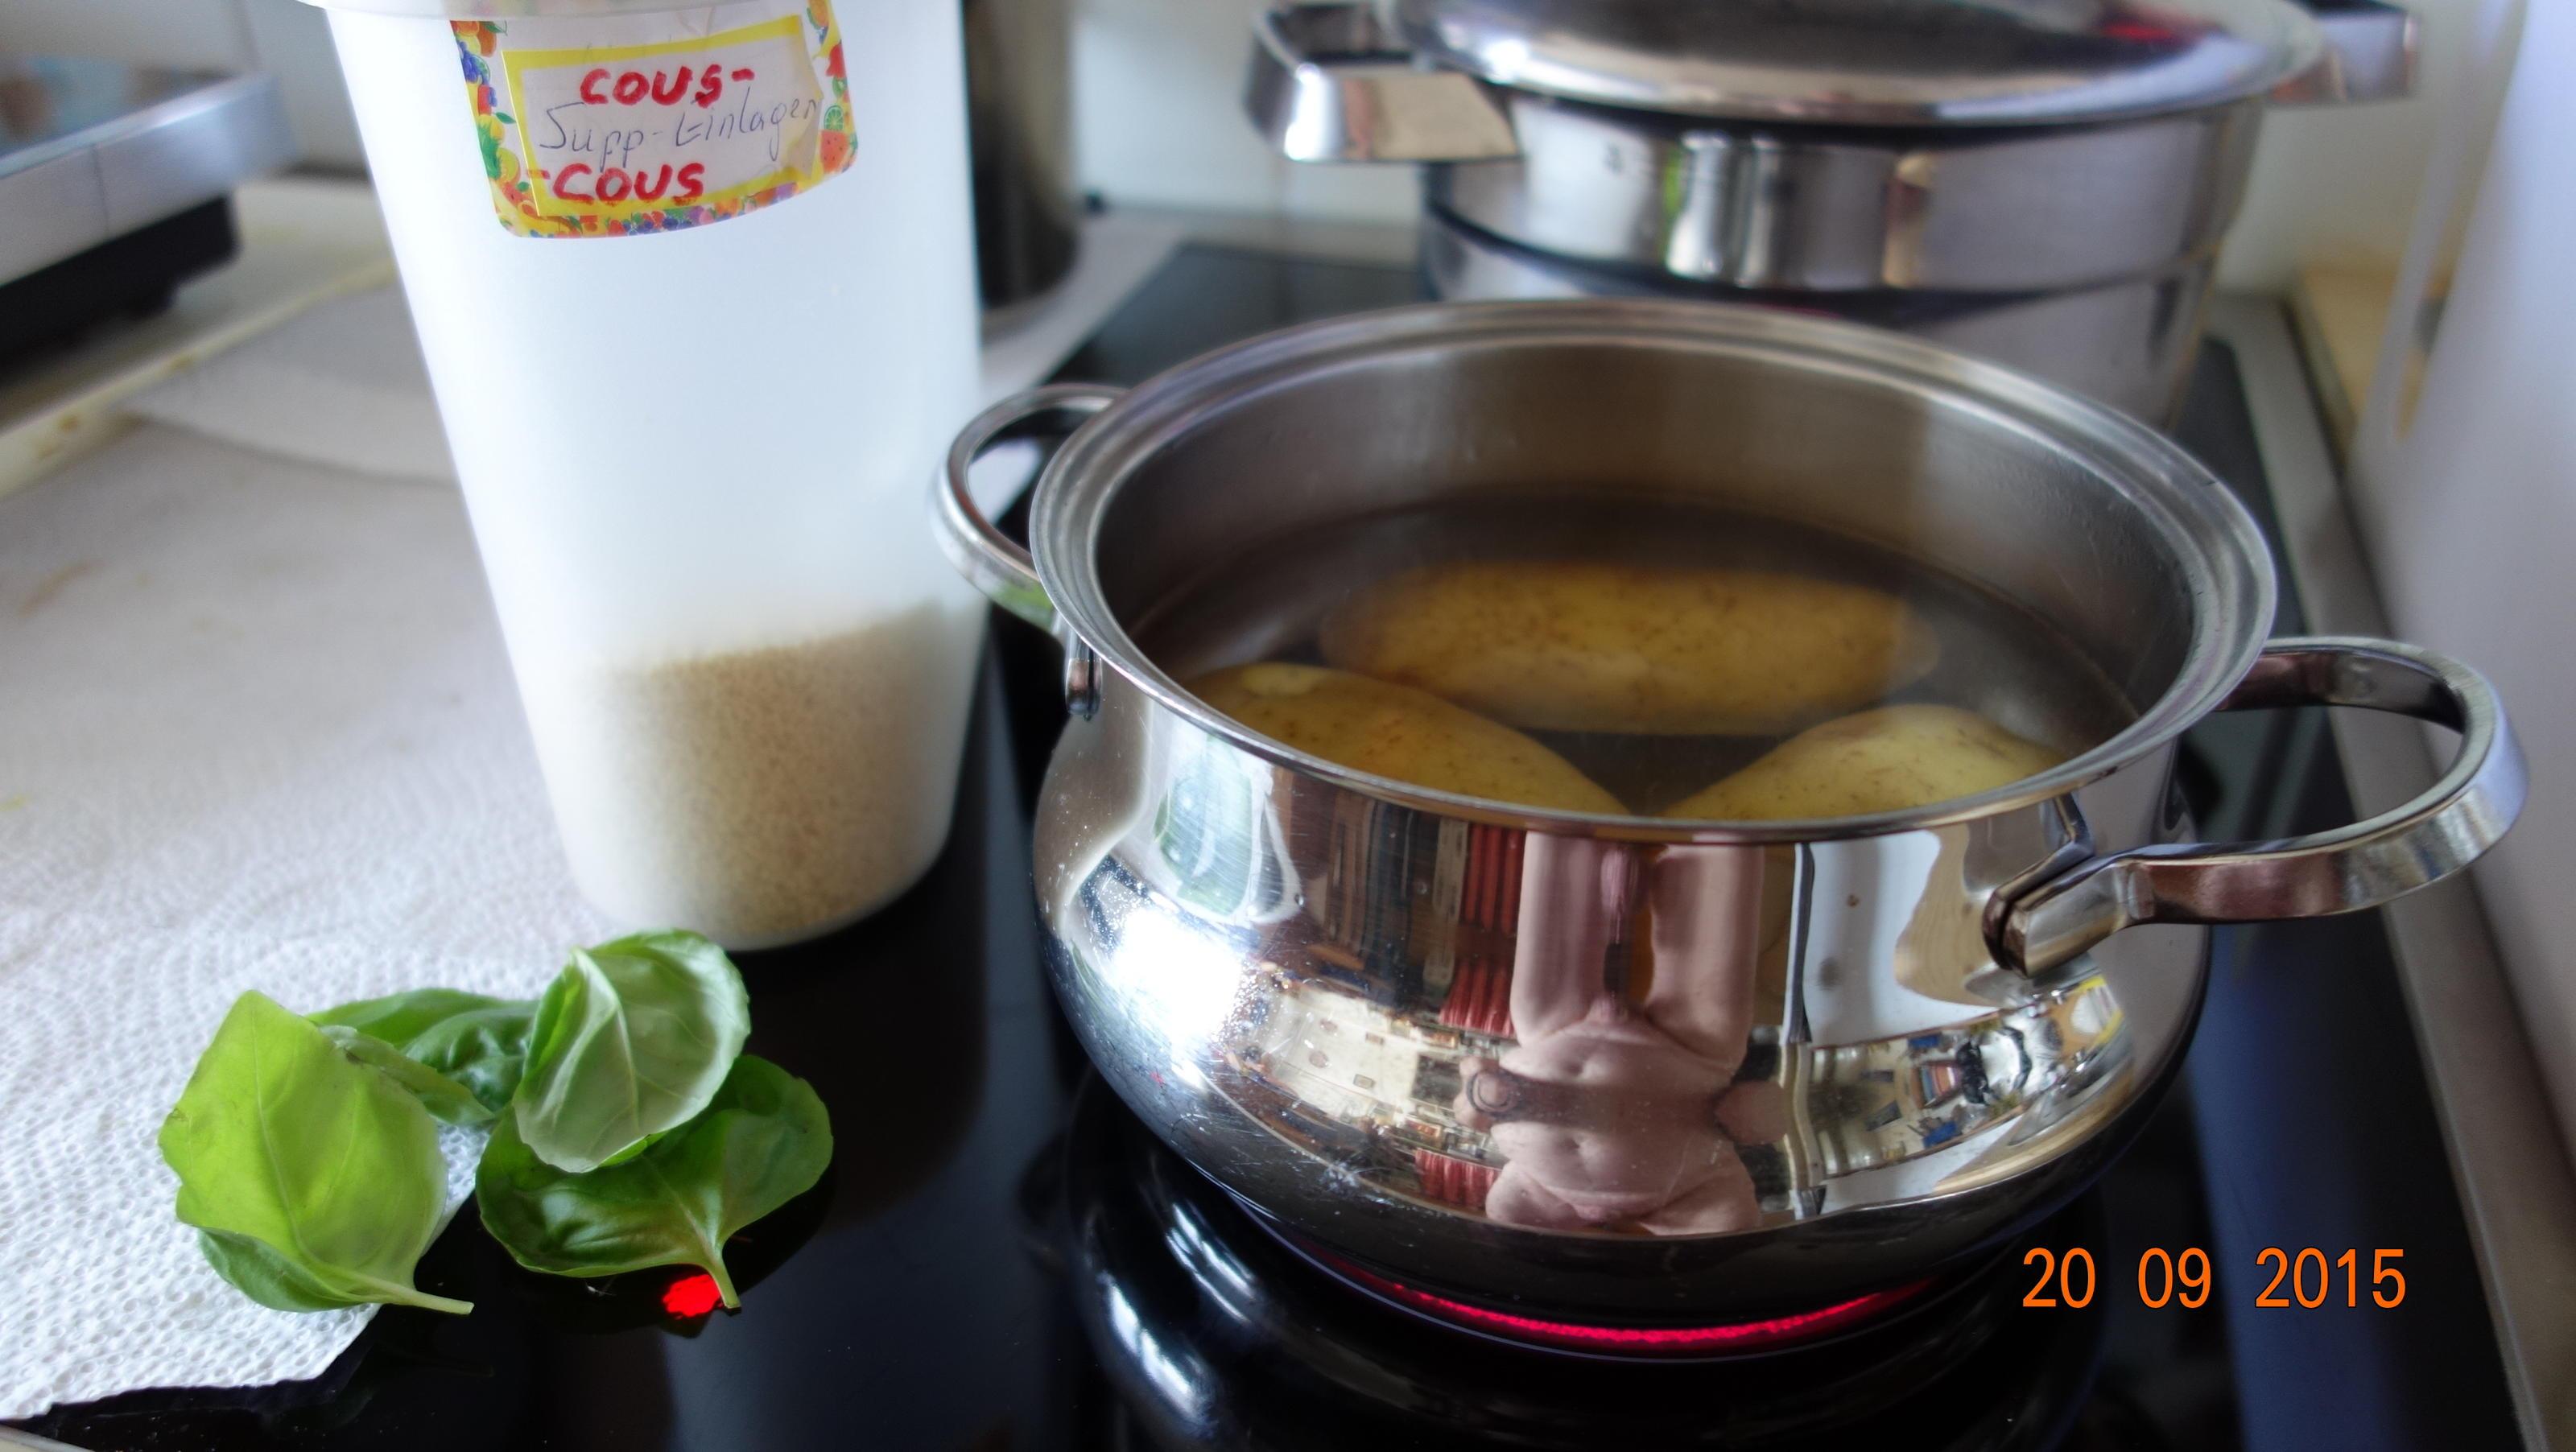 Beilage: Kartoffeln mit Cous cous-Kruste und Basilikum - Rezept Gesendet von Waltl